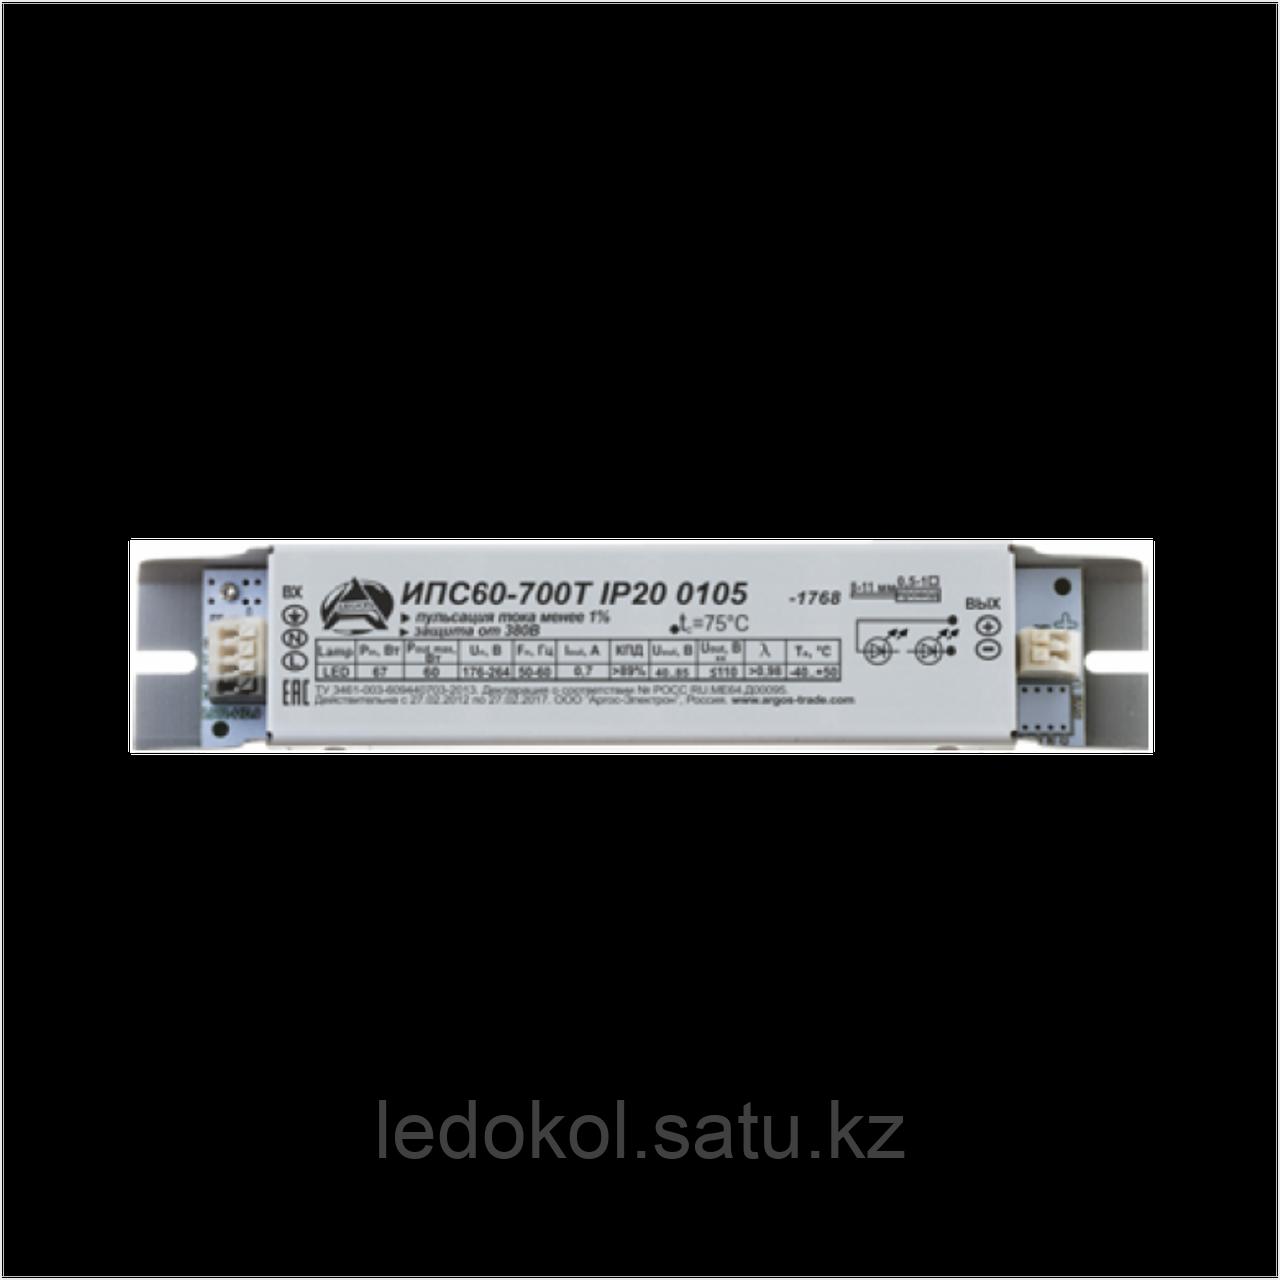 Источник питания Аргос ИПС60-700ТИ IP20 0104